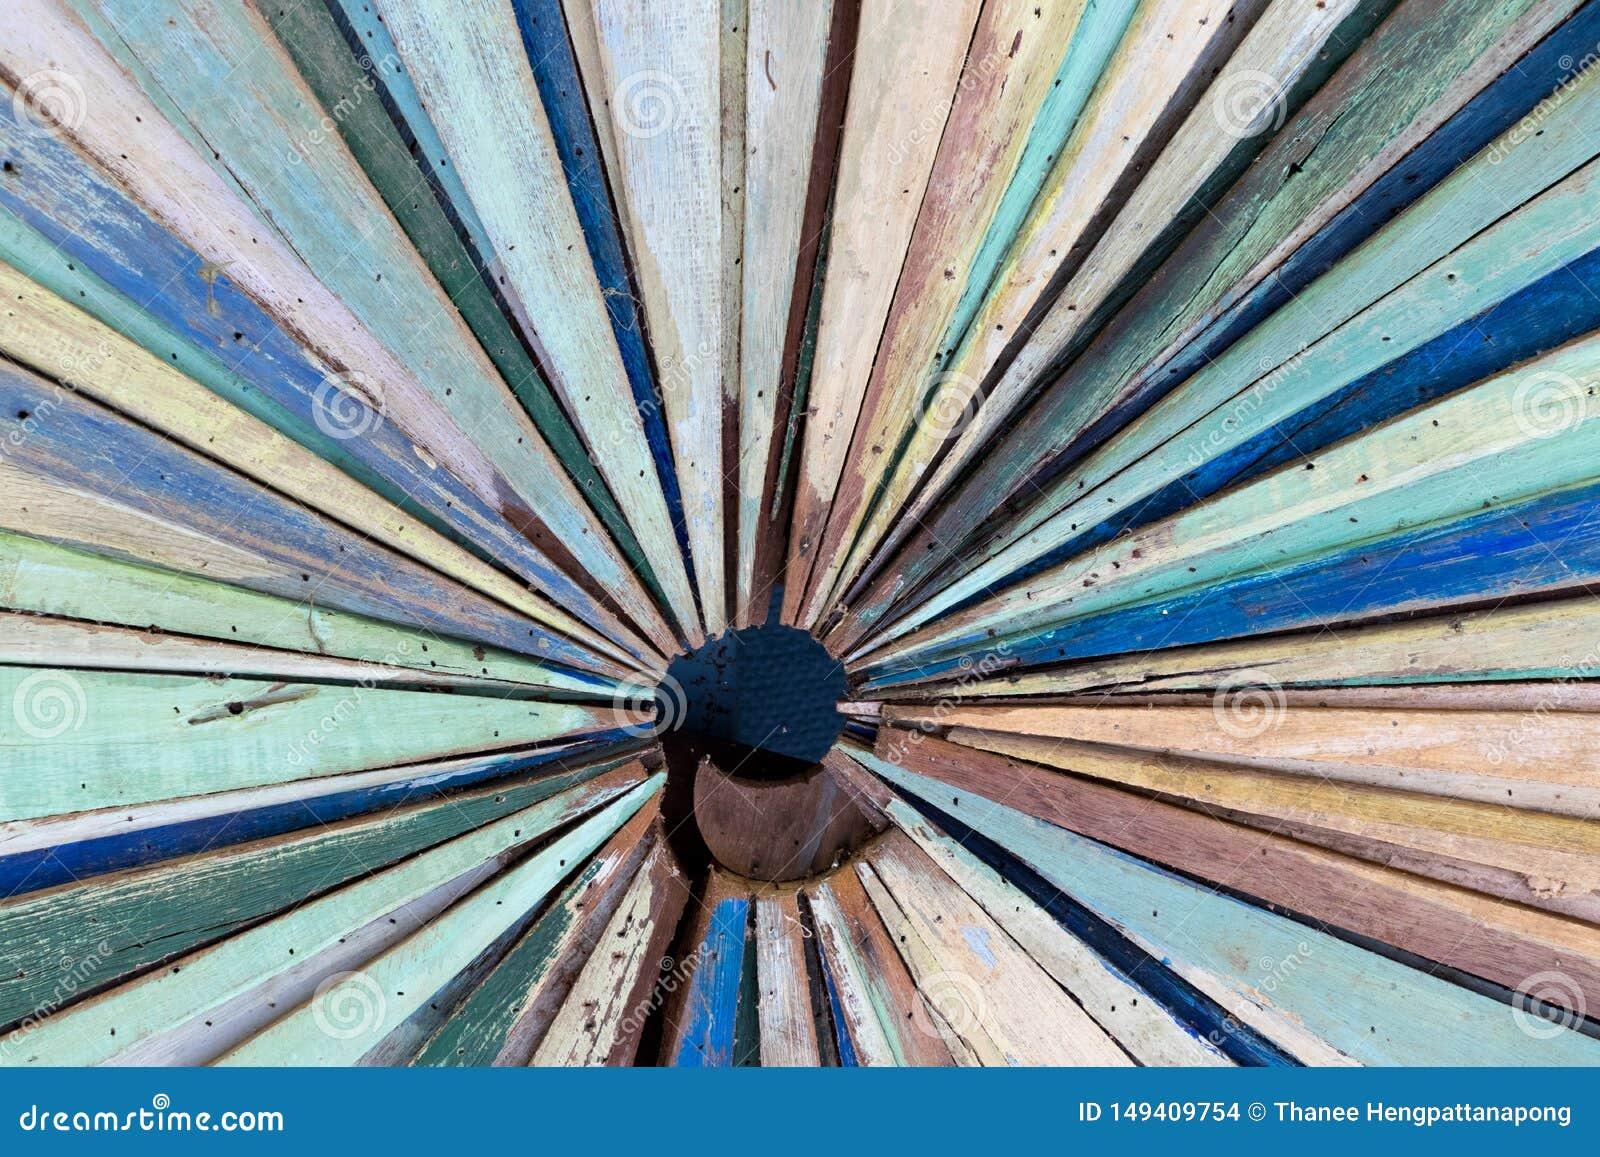 难看的东西木盘区的多颜色作为辐形形状背景的